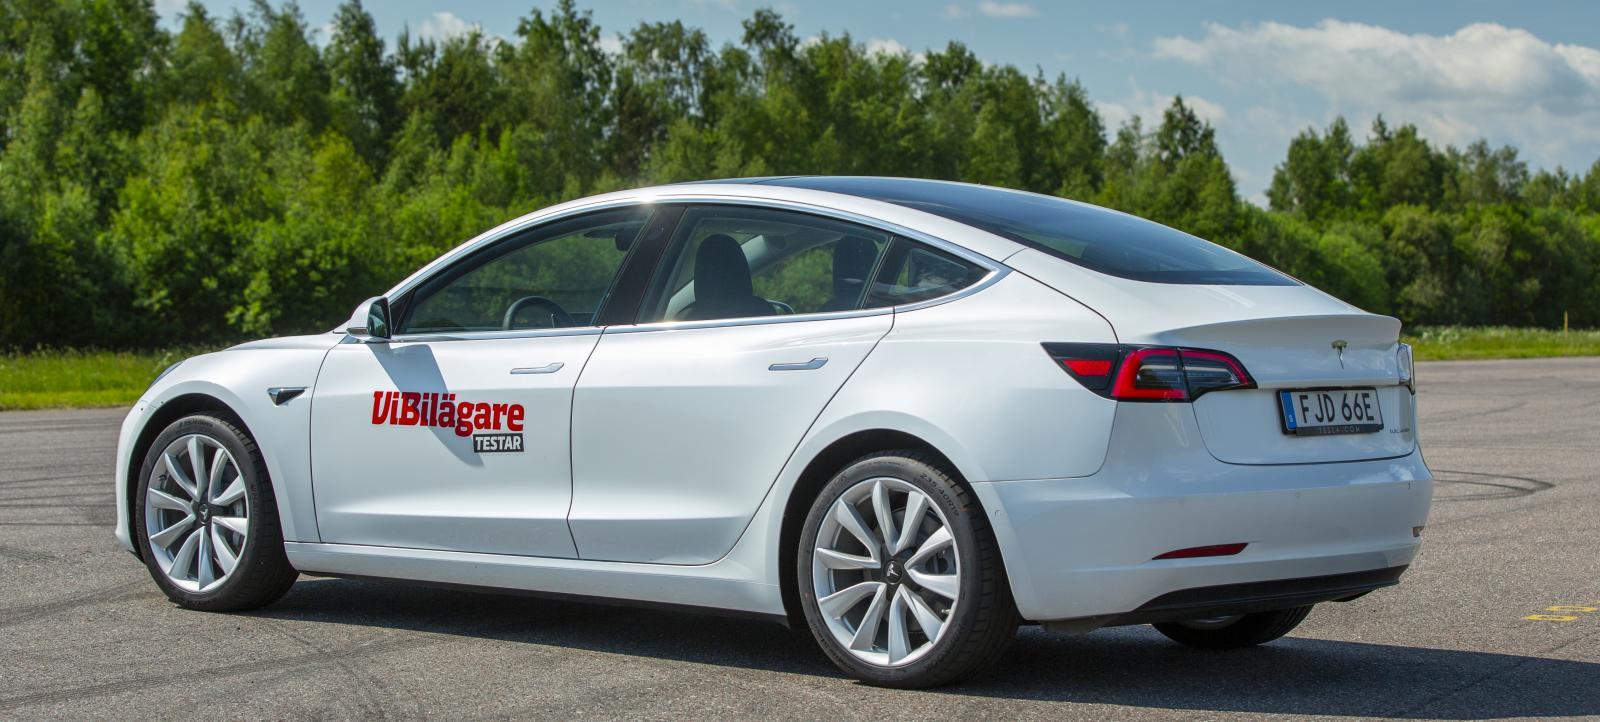 Tesla Model 3 är snål med tanke på sin effekt, men det finns andra modeller som ägarna på Spritmonitor lagt in ännu lägre förbrukningssiffror för.